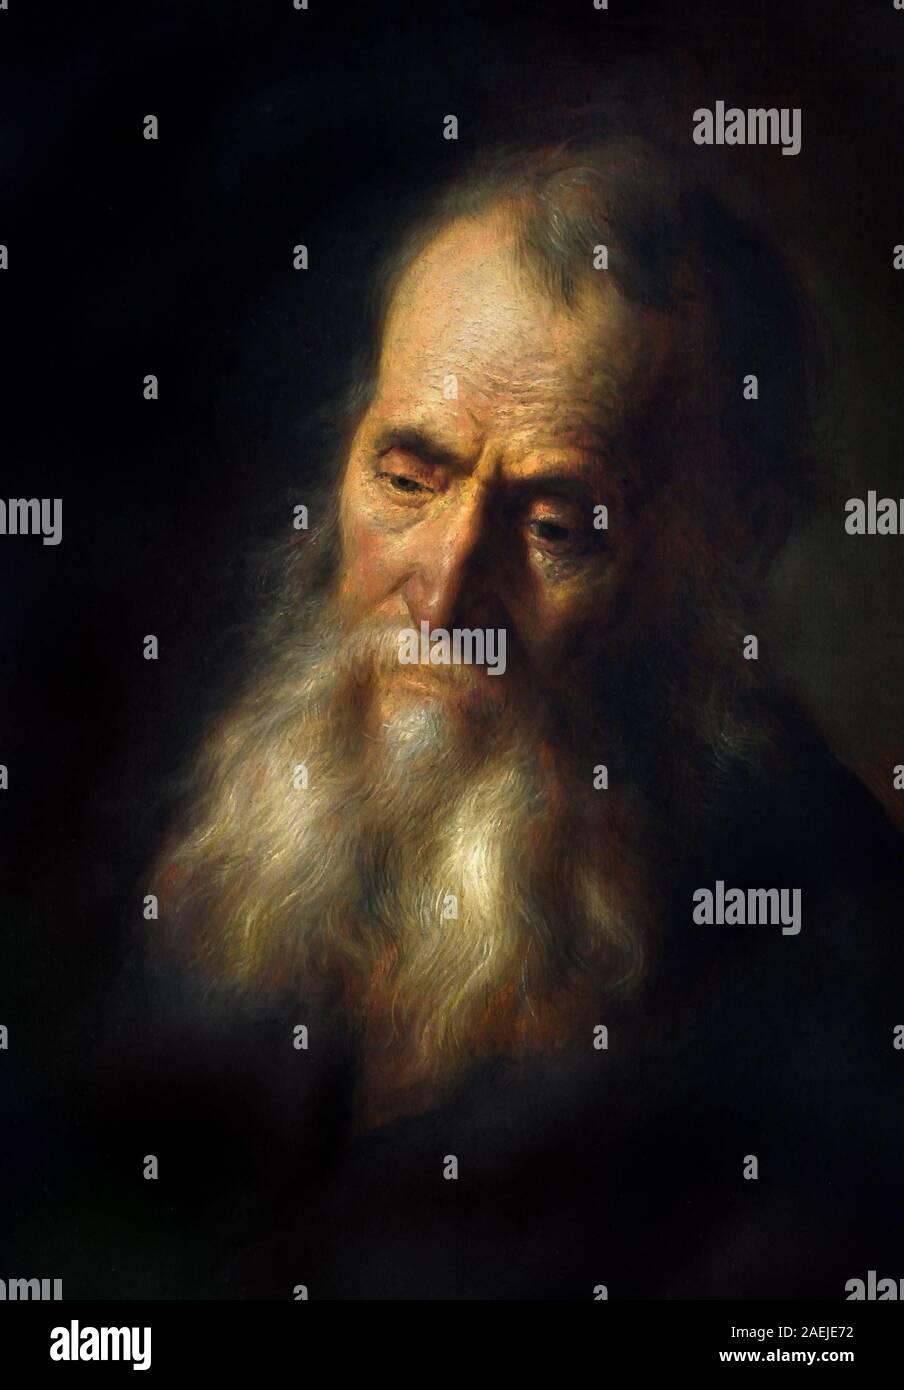 Cabeza de un hombre viejo con barba 1632 Rembrandt Harmenszoon van Rijn 1606-1669 holandés, los Países Bajos, Holanda (Jan Lievens) Foto de stock